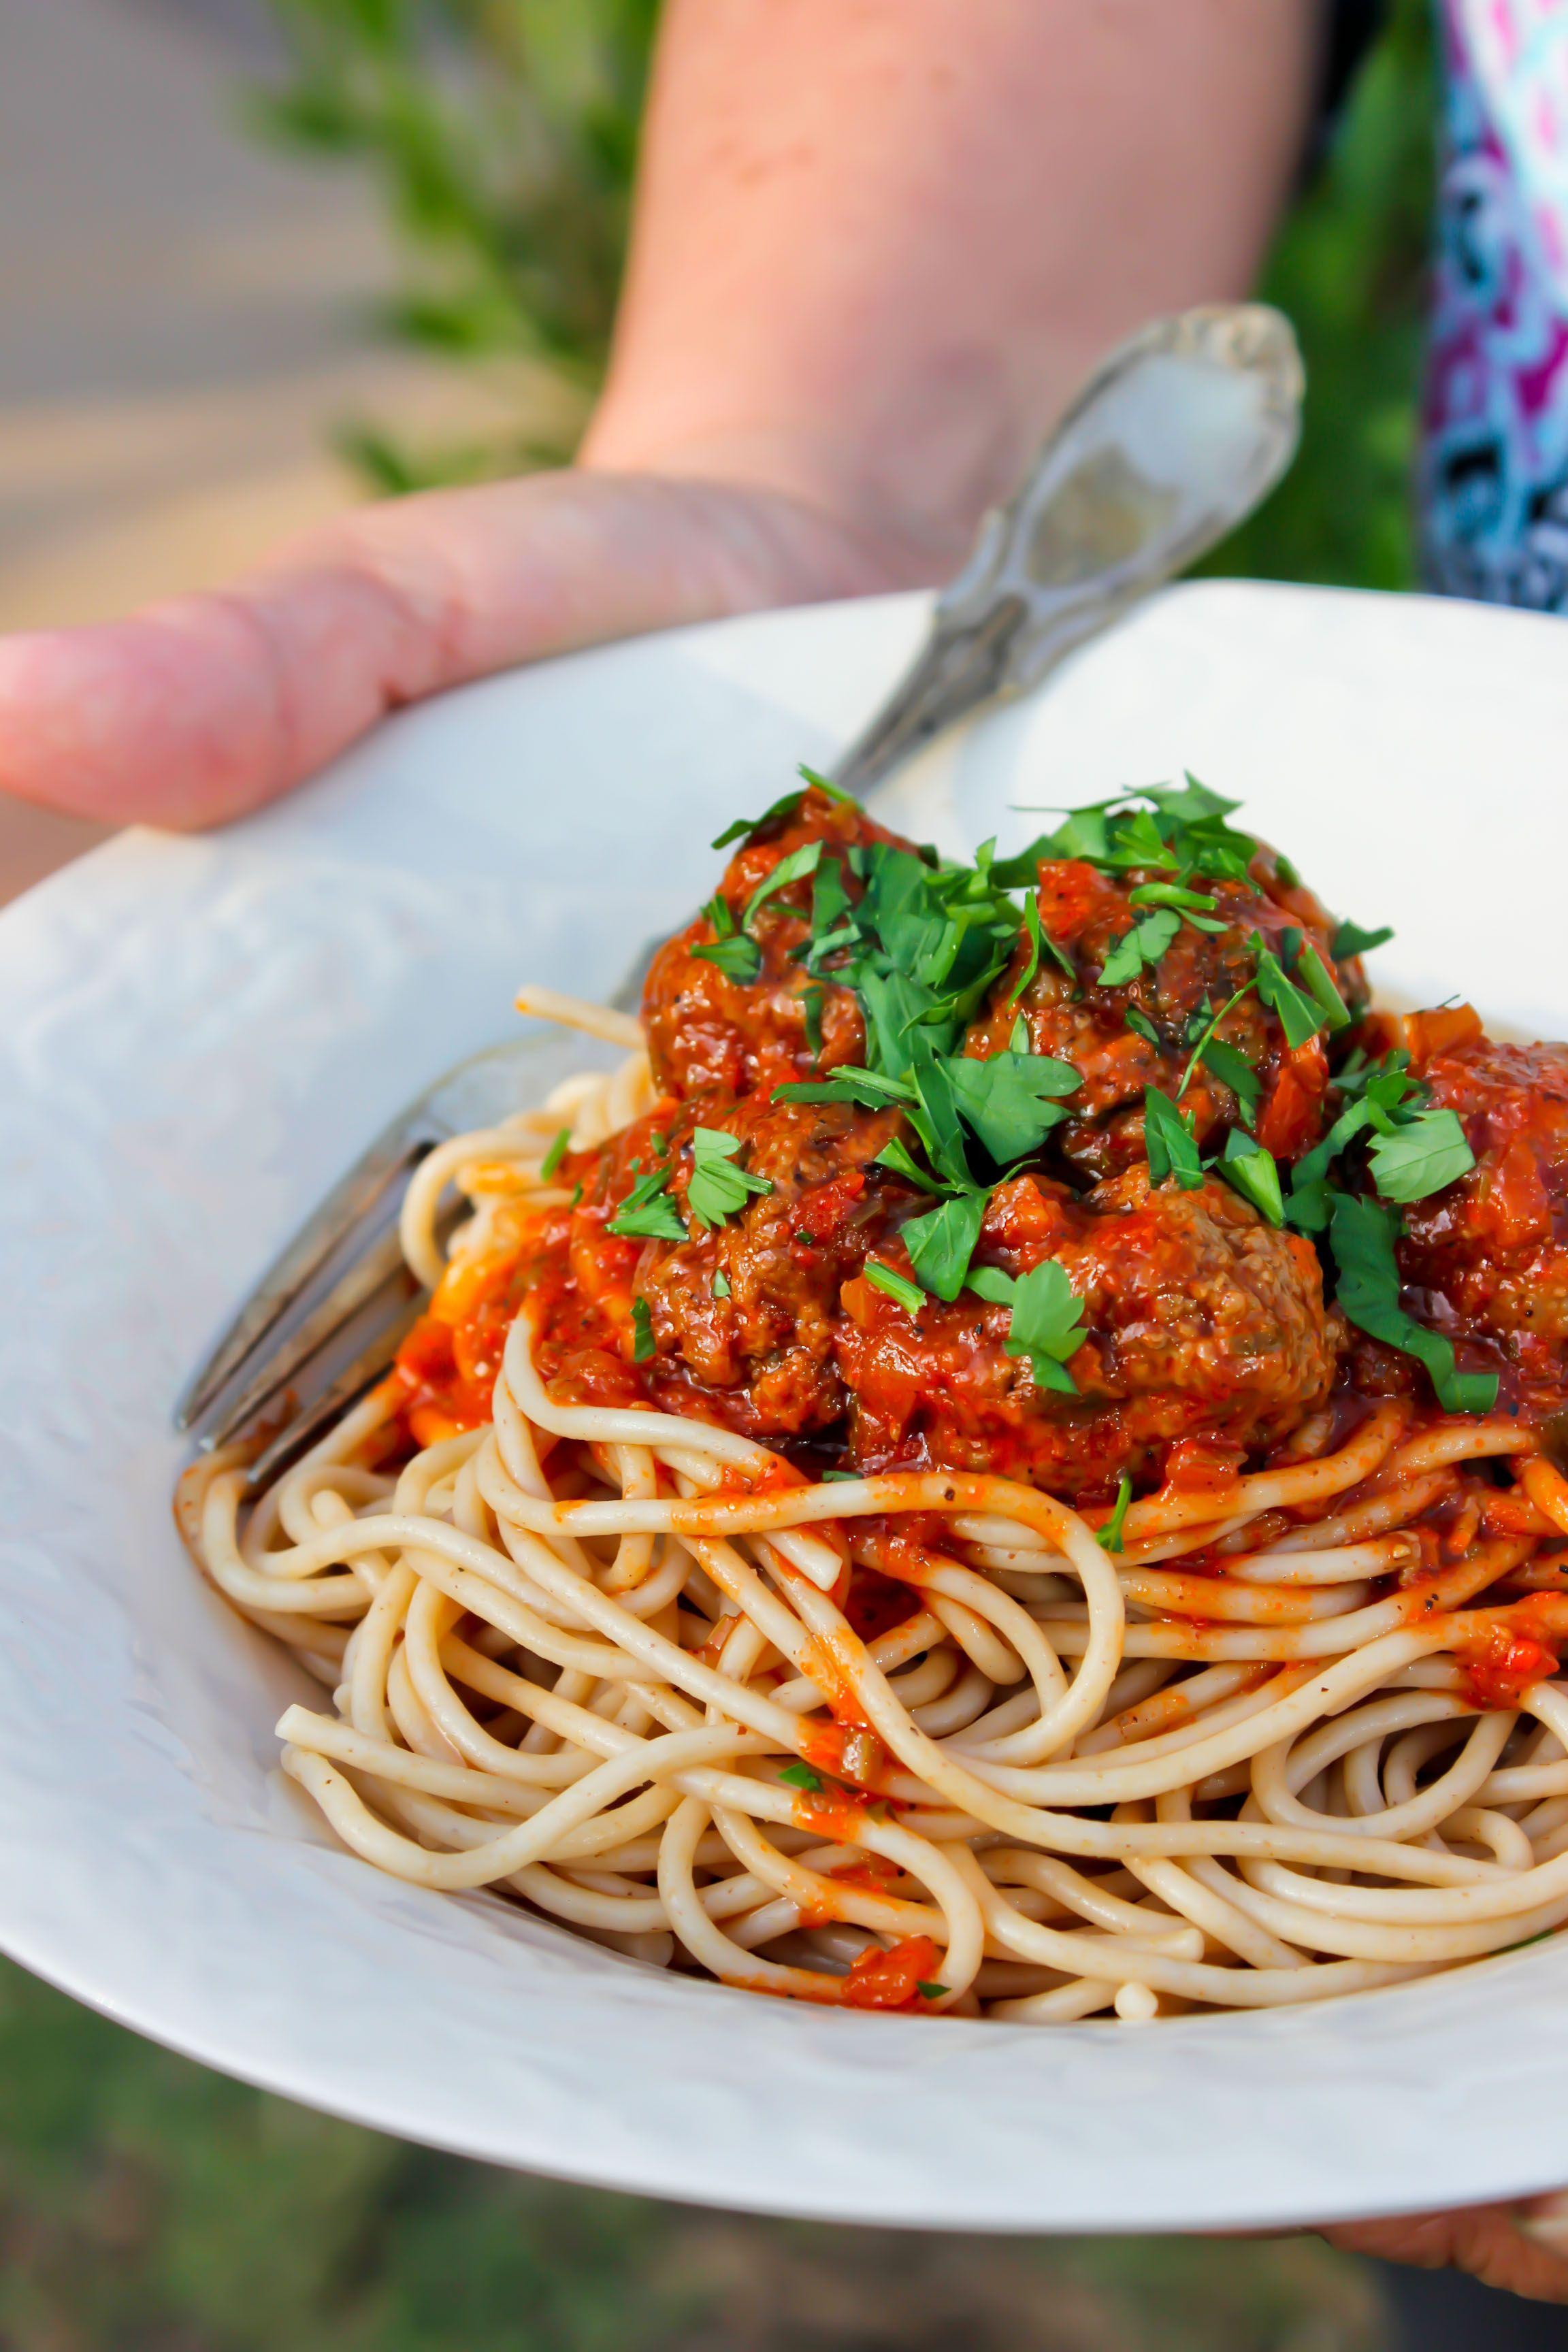 Enjoying A Delicious Meatball Whole Wheat Spaghetti